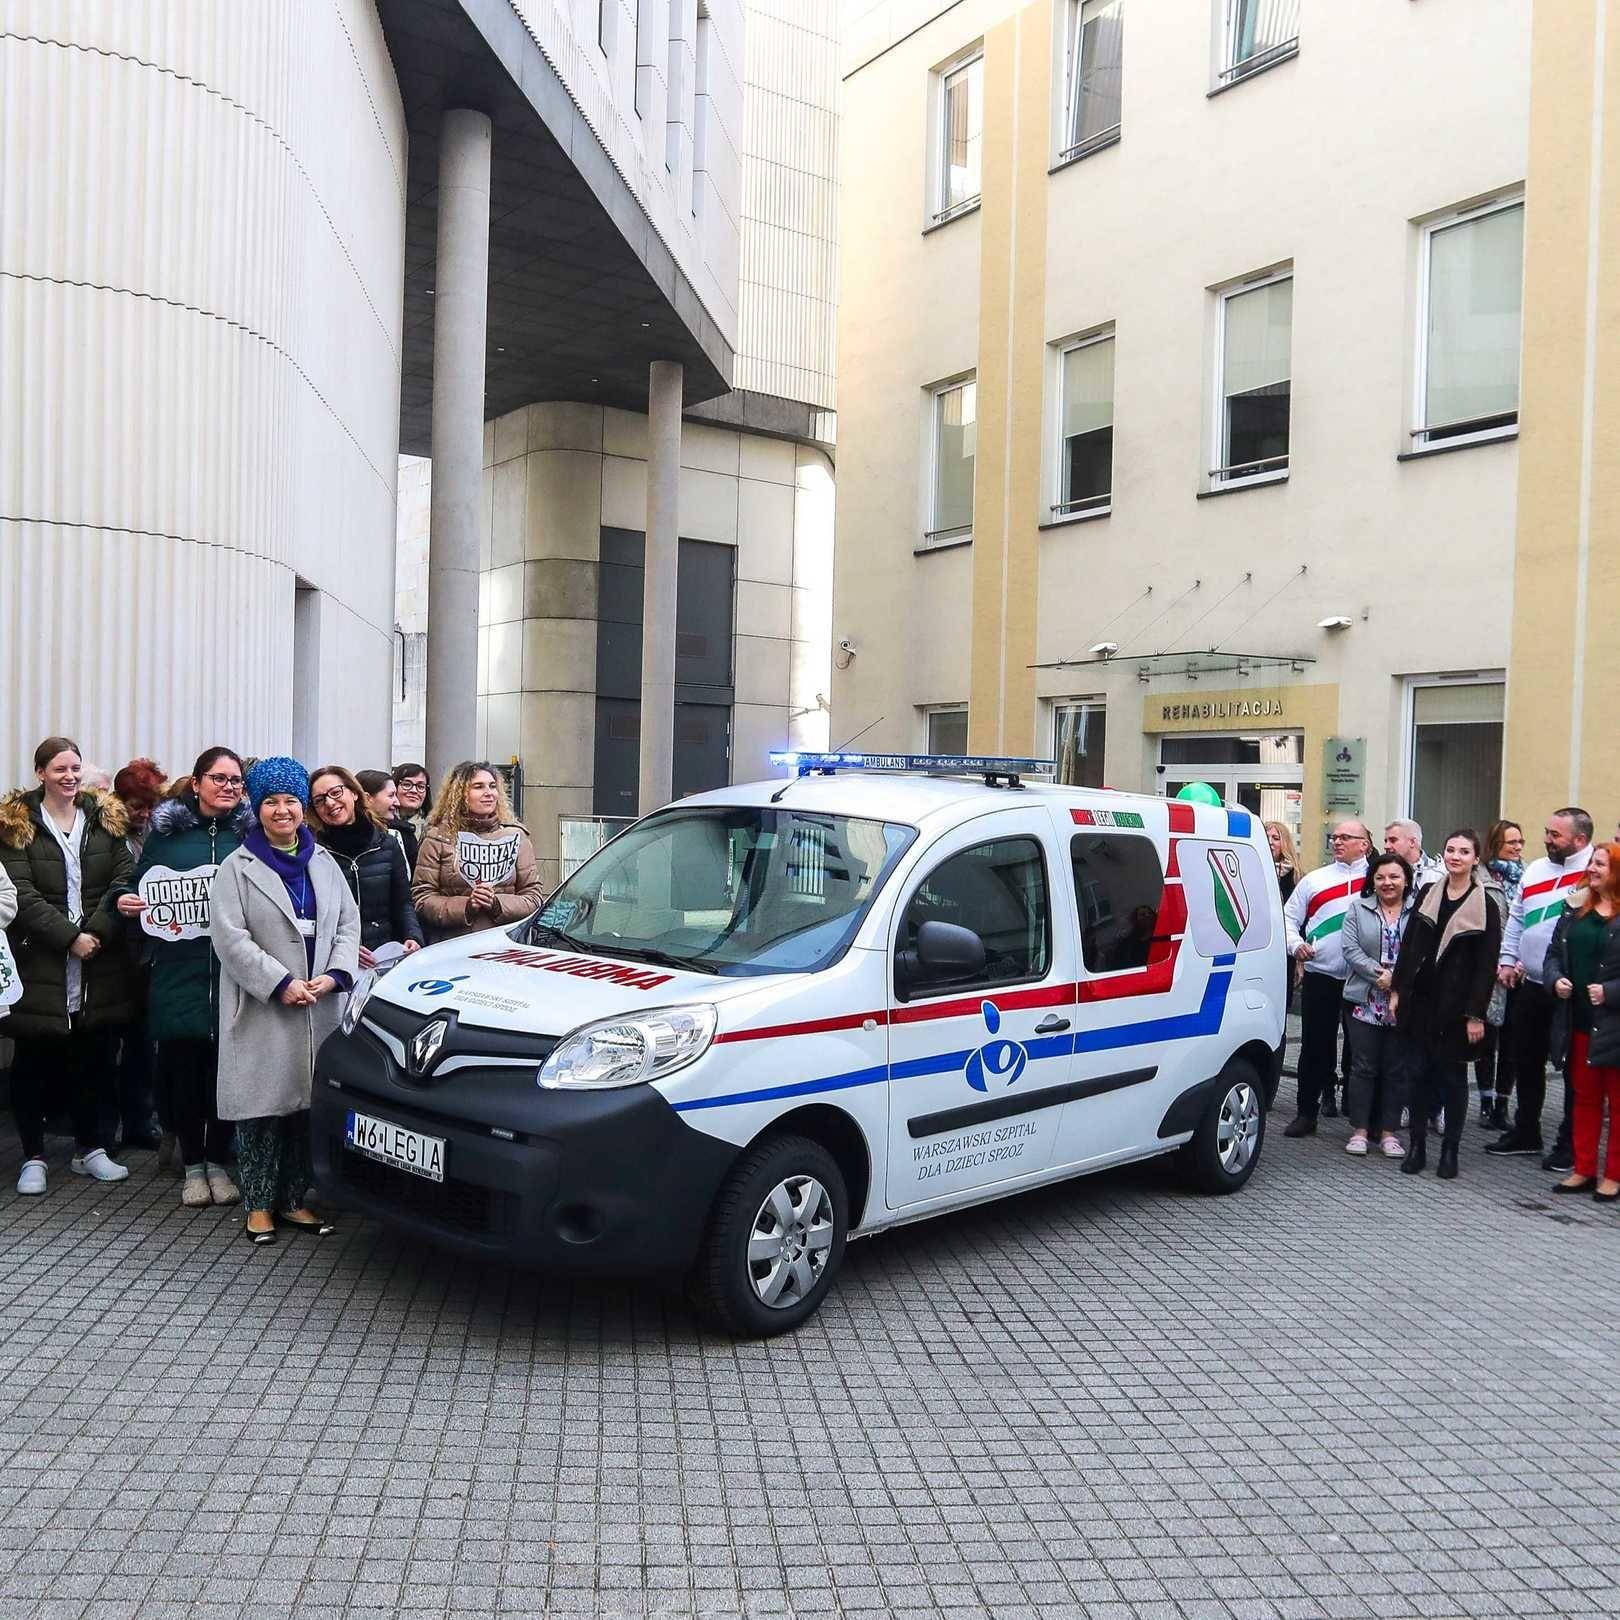 Dobrzy Ludzie przekazali ambulans Warszawskiemu Szpitalowi dla Dzieci SPZOZ [Wideo]